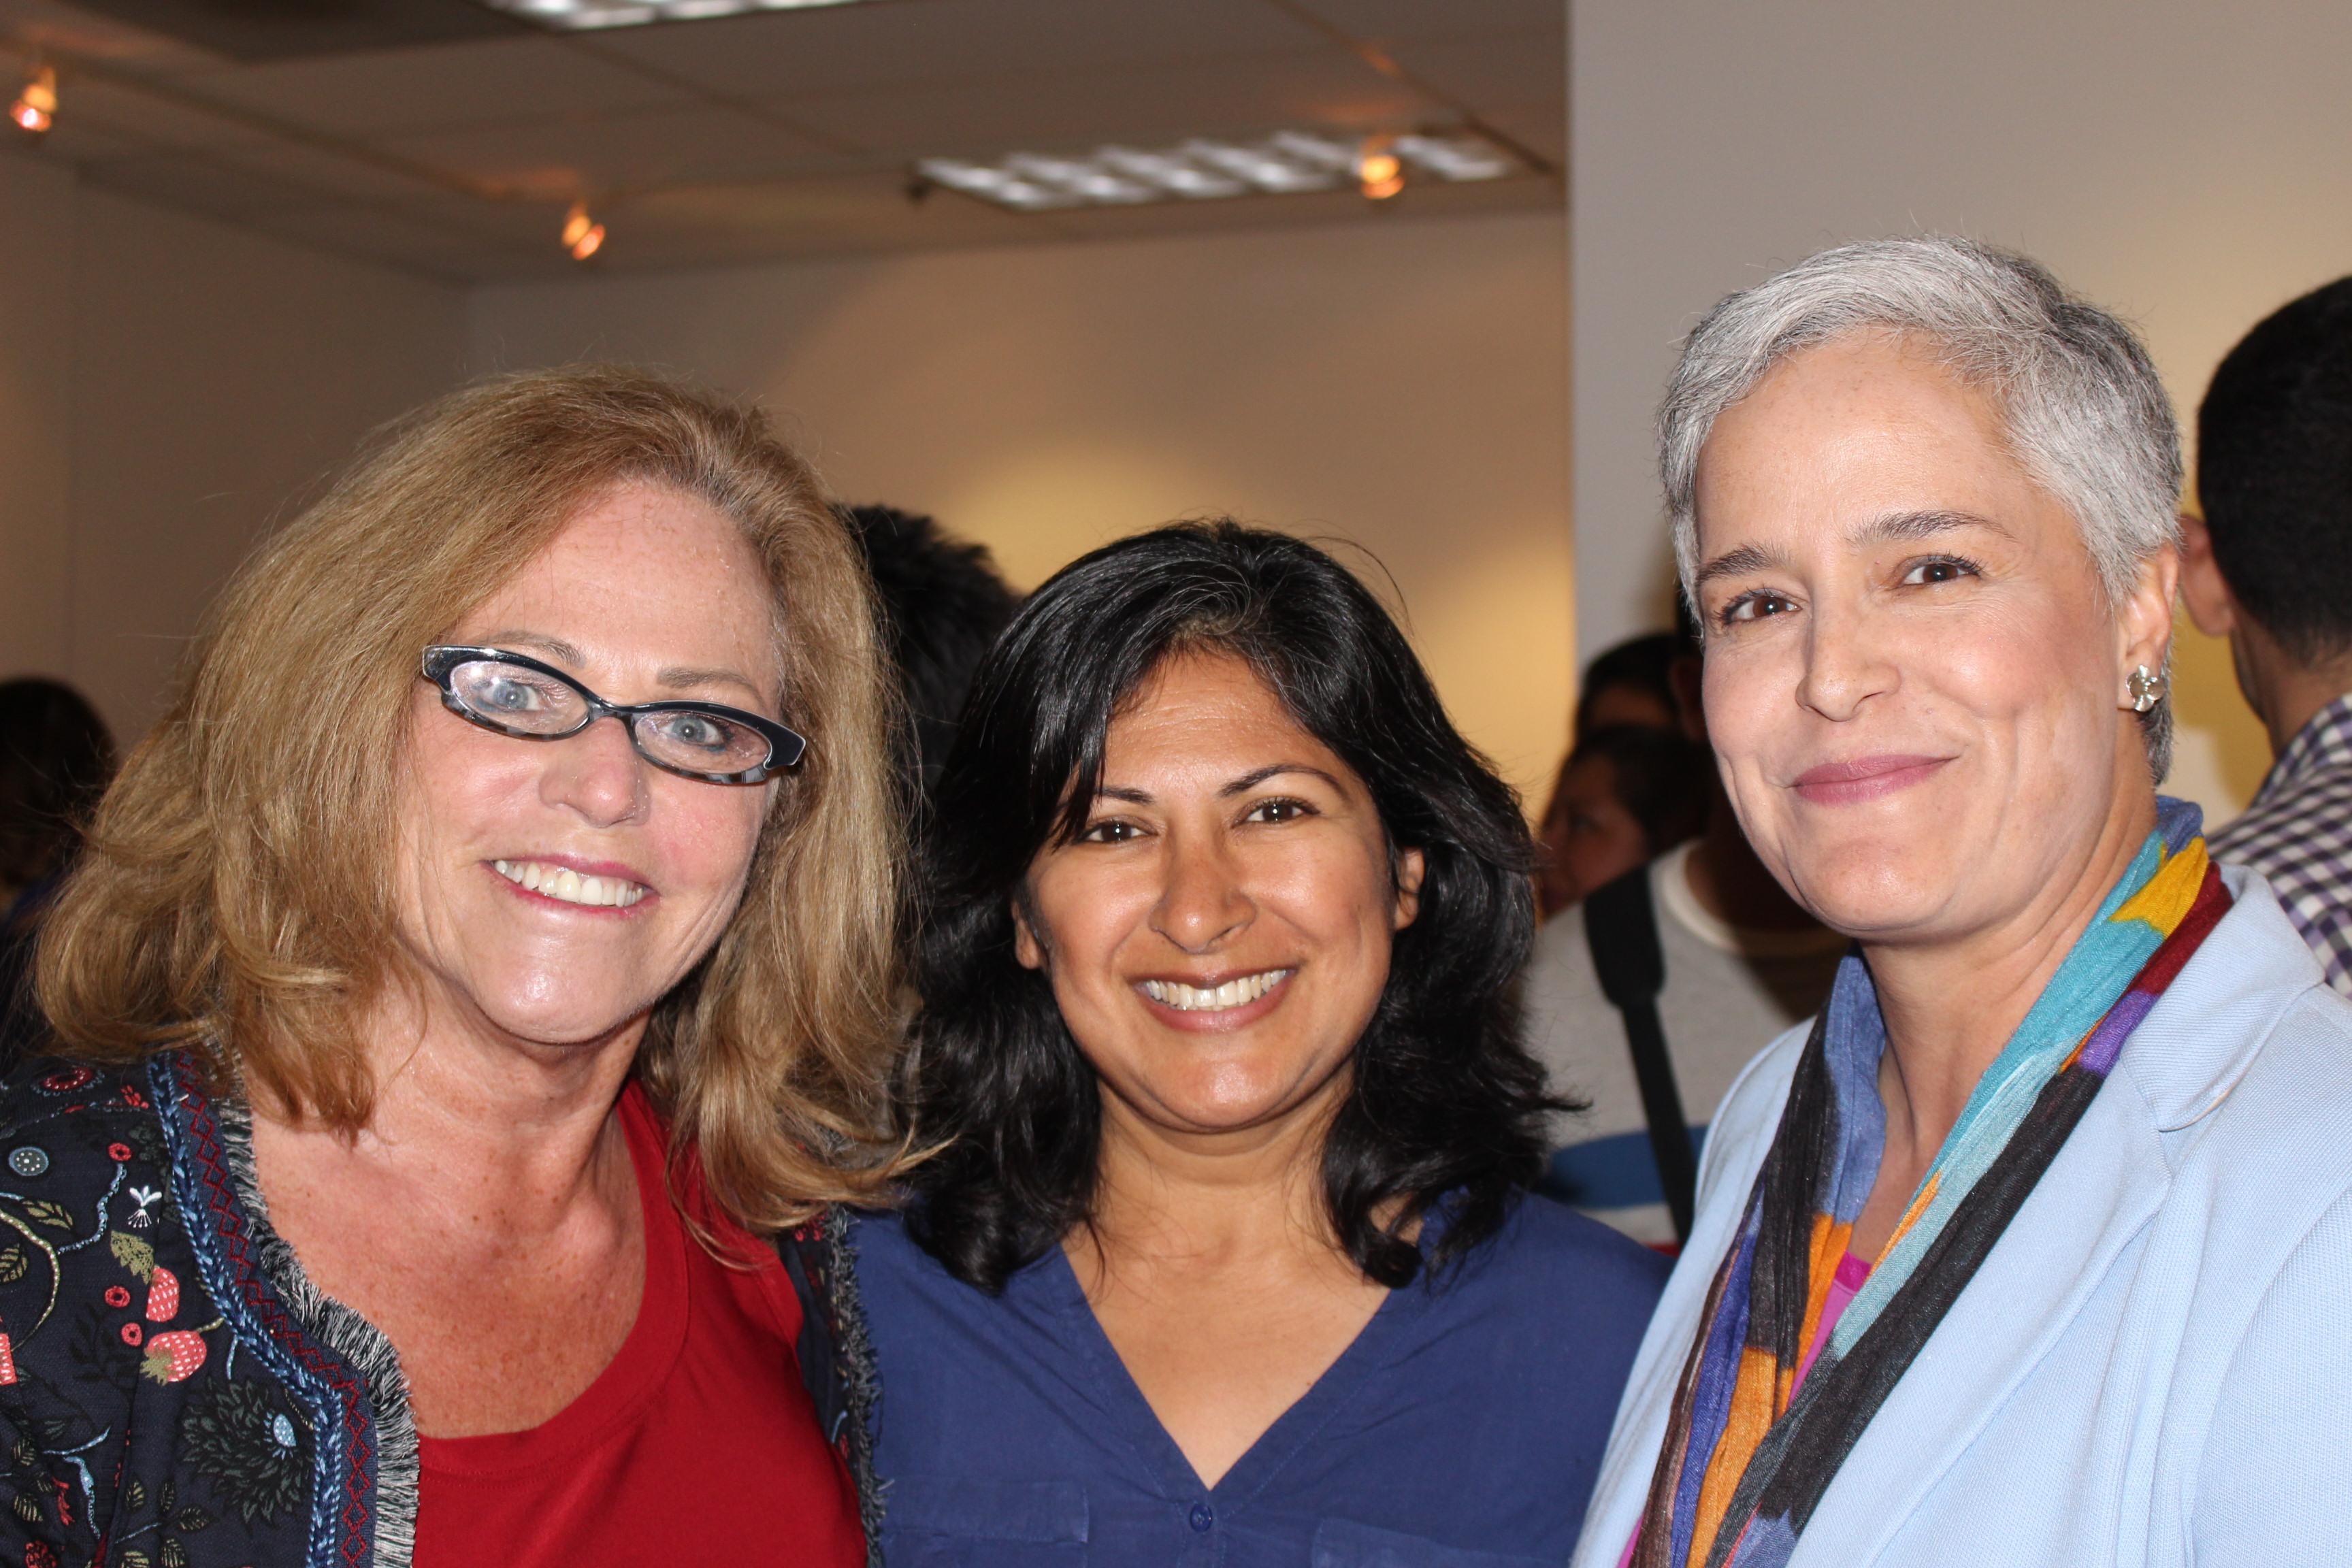 With Mary Navarro and Farah Khan